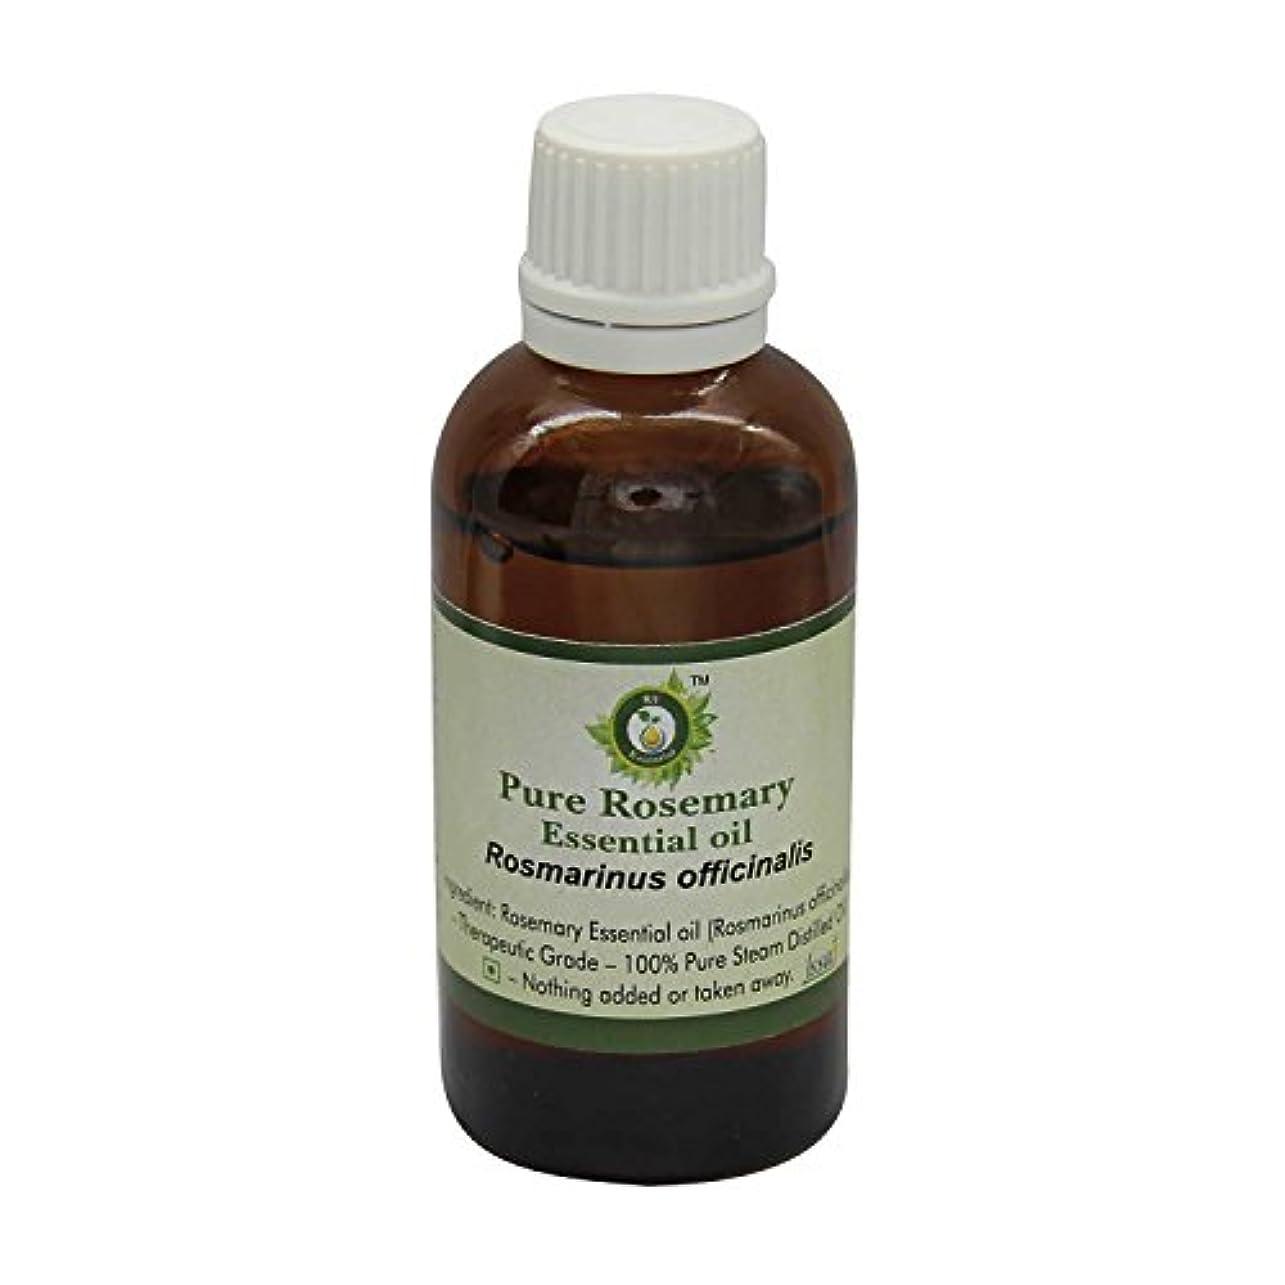 コールモジュール正規化R V Essential ピュアローズマリーエッセンシャルオイル30ml (1.01oz)- Rosmarinus Officinalis (100%純粋&天然スチームDistilled) Pure Rosemary...